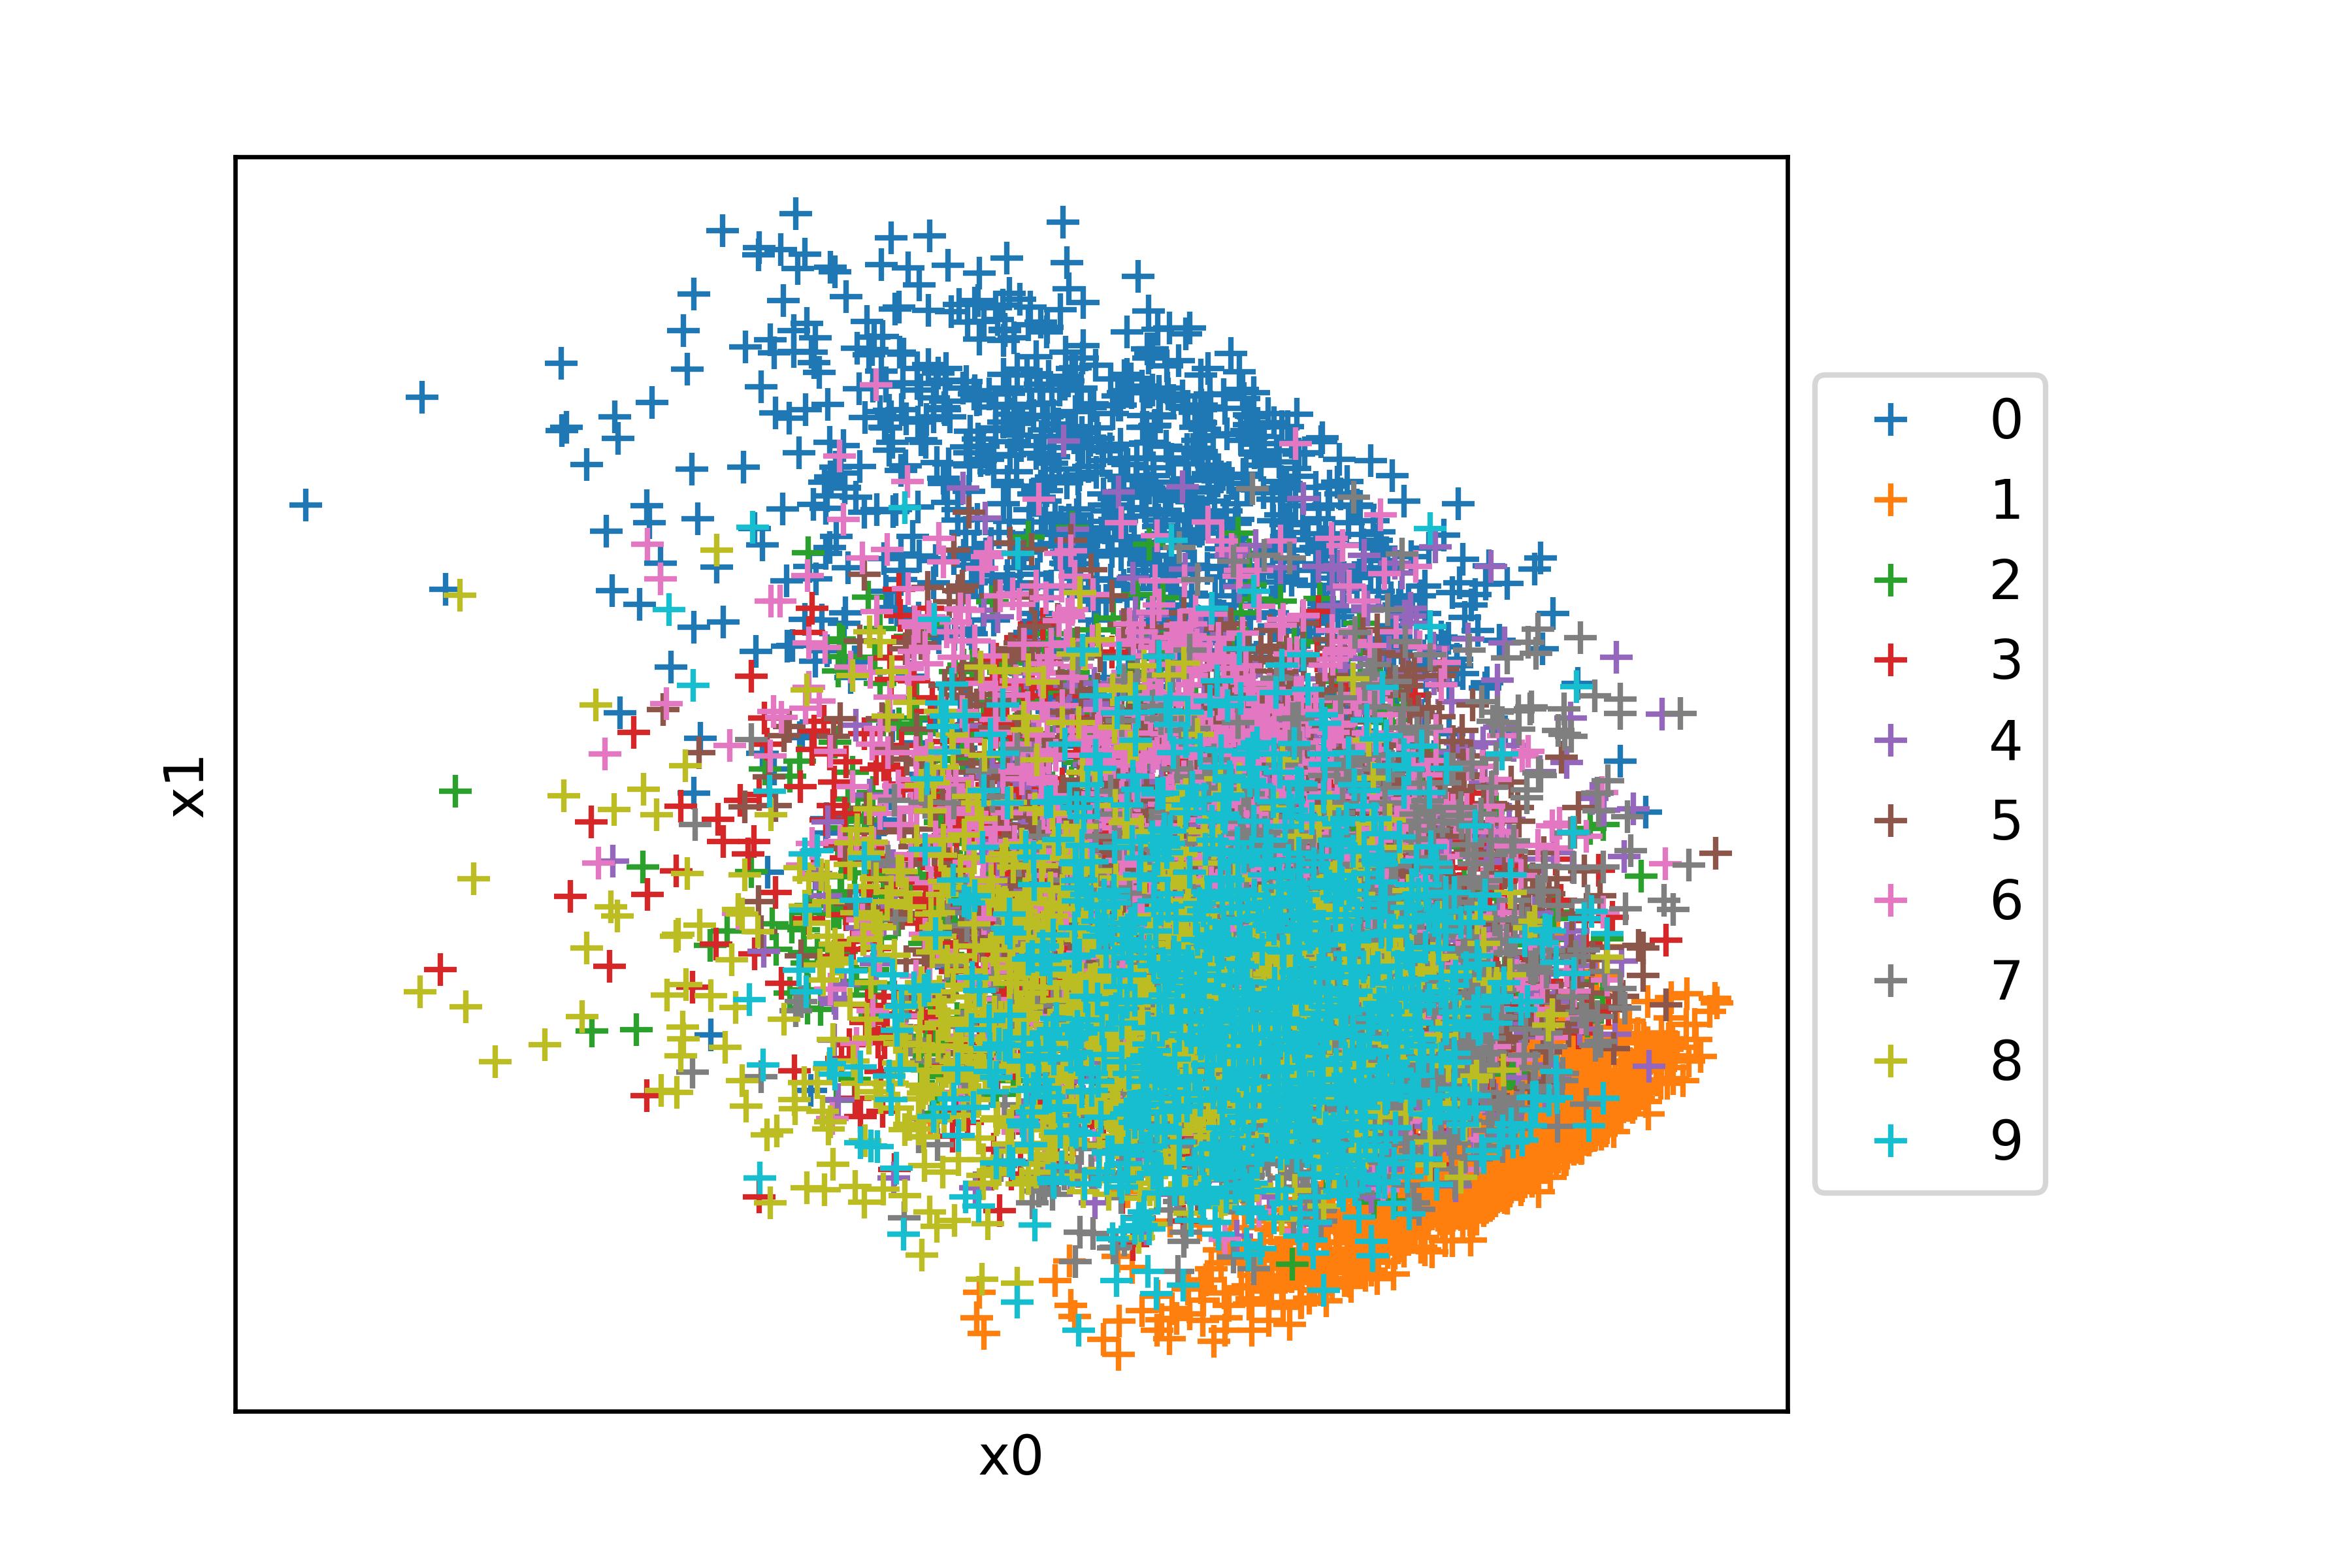 Projection des chiffres de la base MNIST en 2D grâce à un ACP